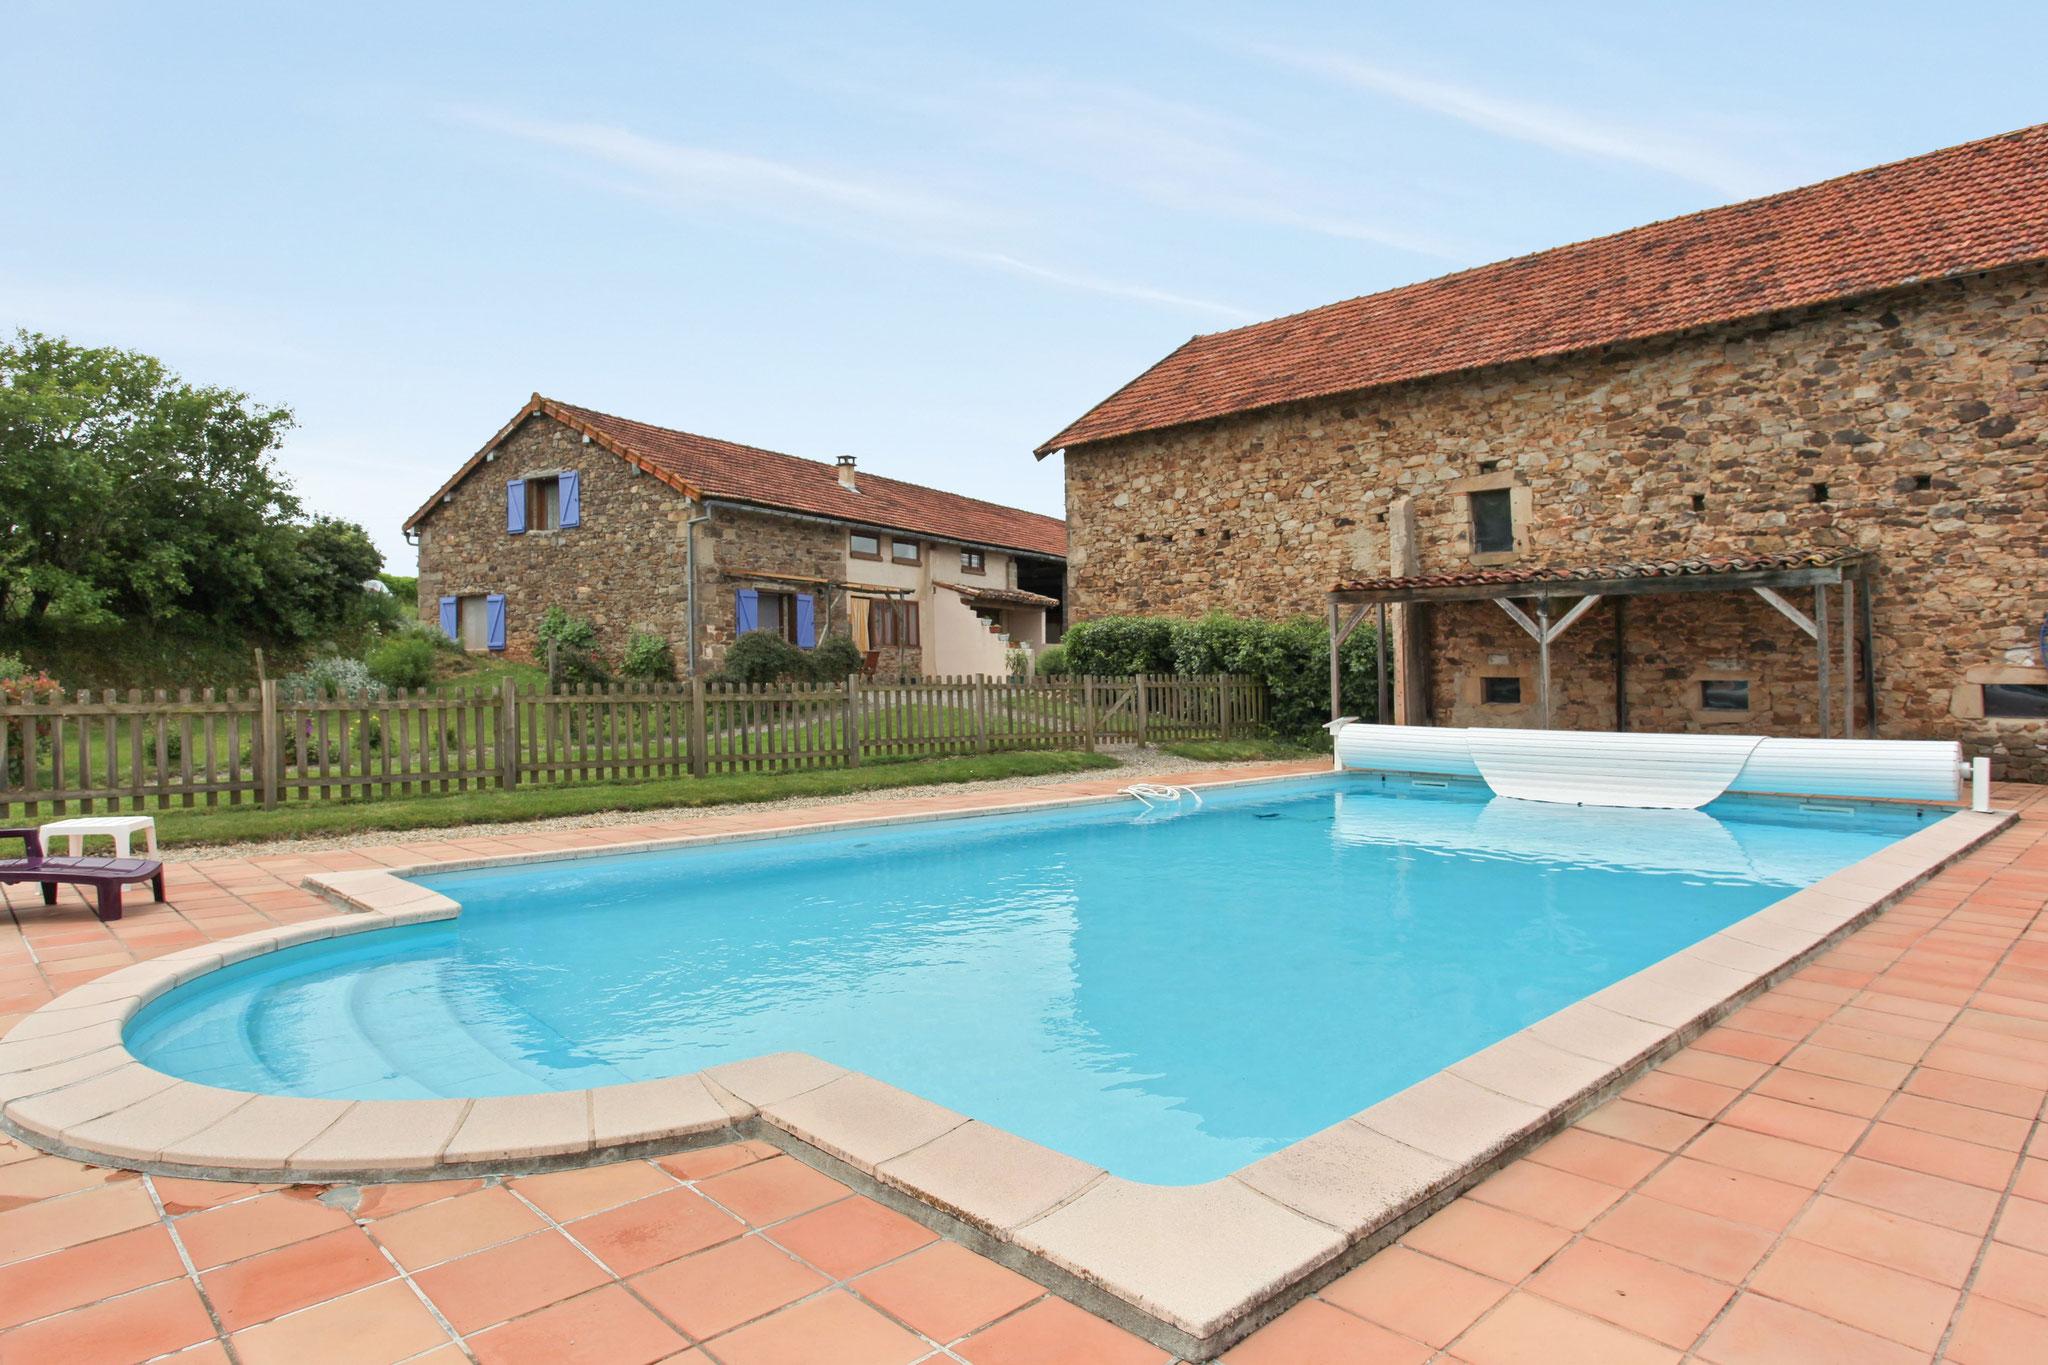 piscine en été, gîtes et chambres d'hôtes Peyrecout Tarn